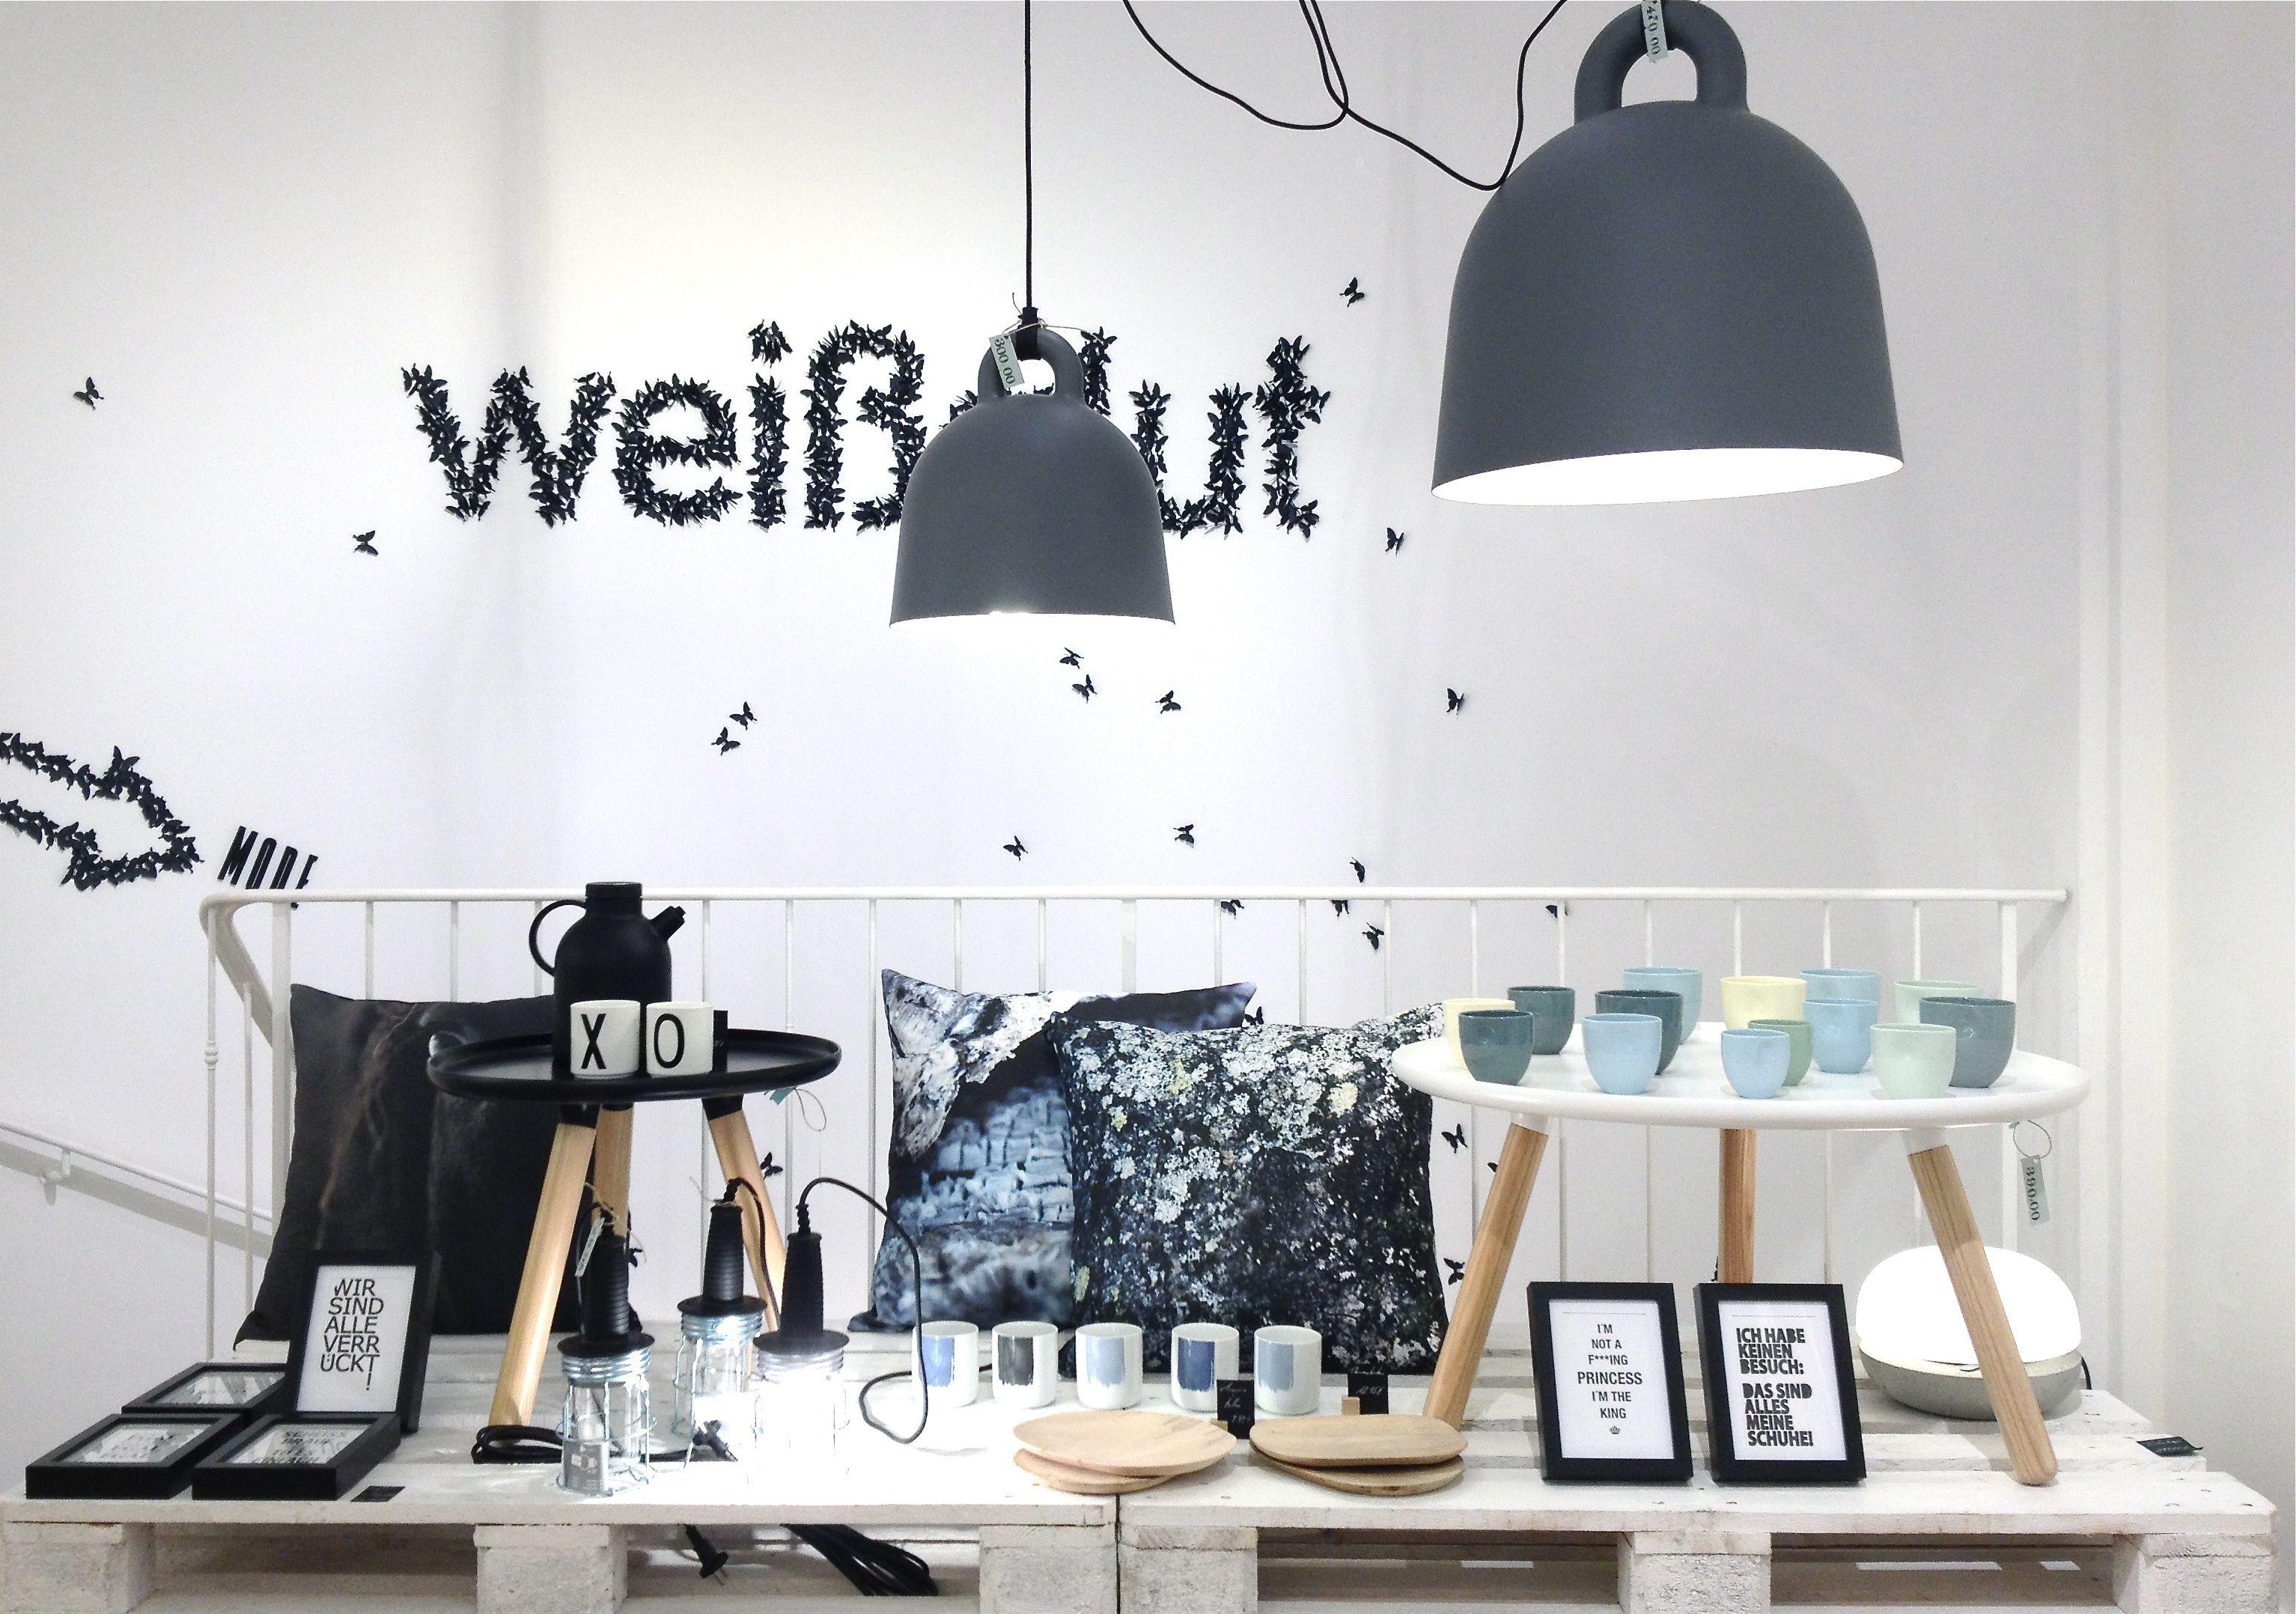 Wei glut concept store munich brand experiences munich for Design hotel schwabing